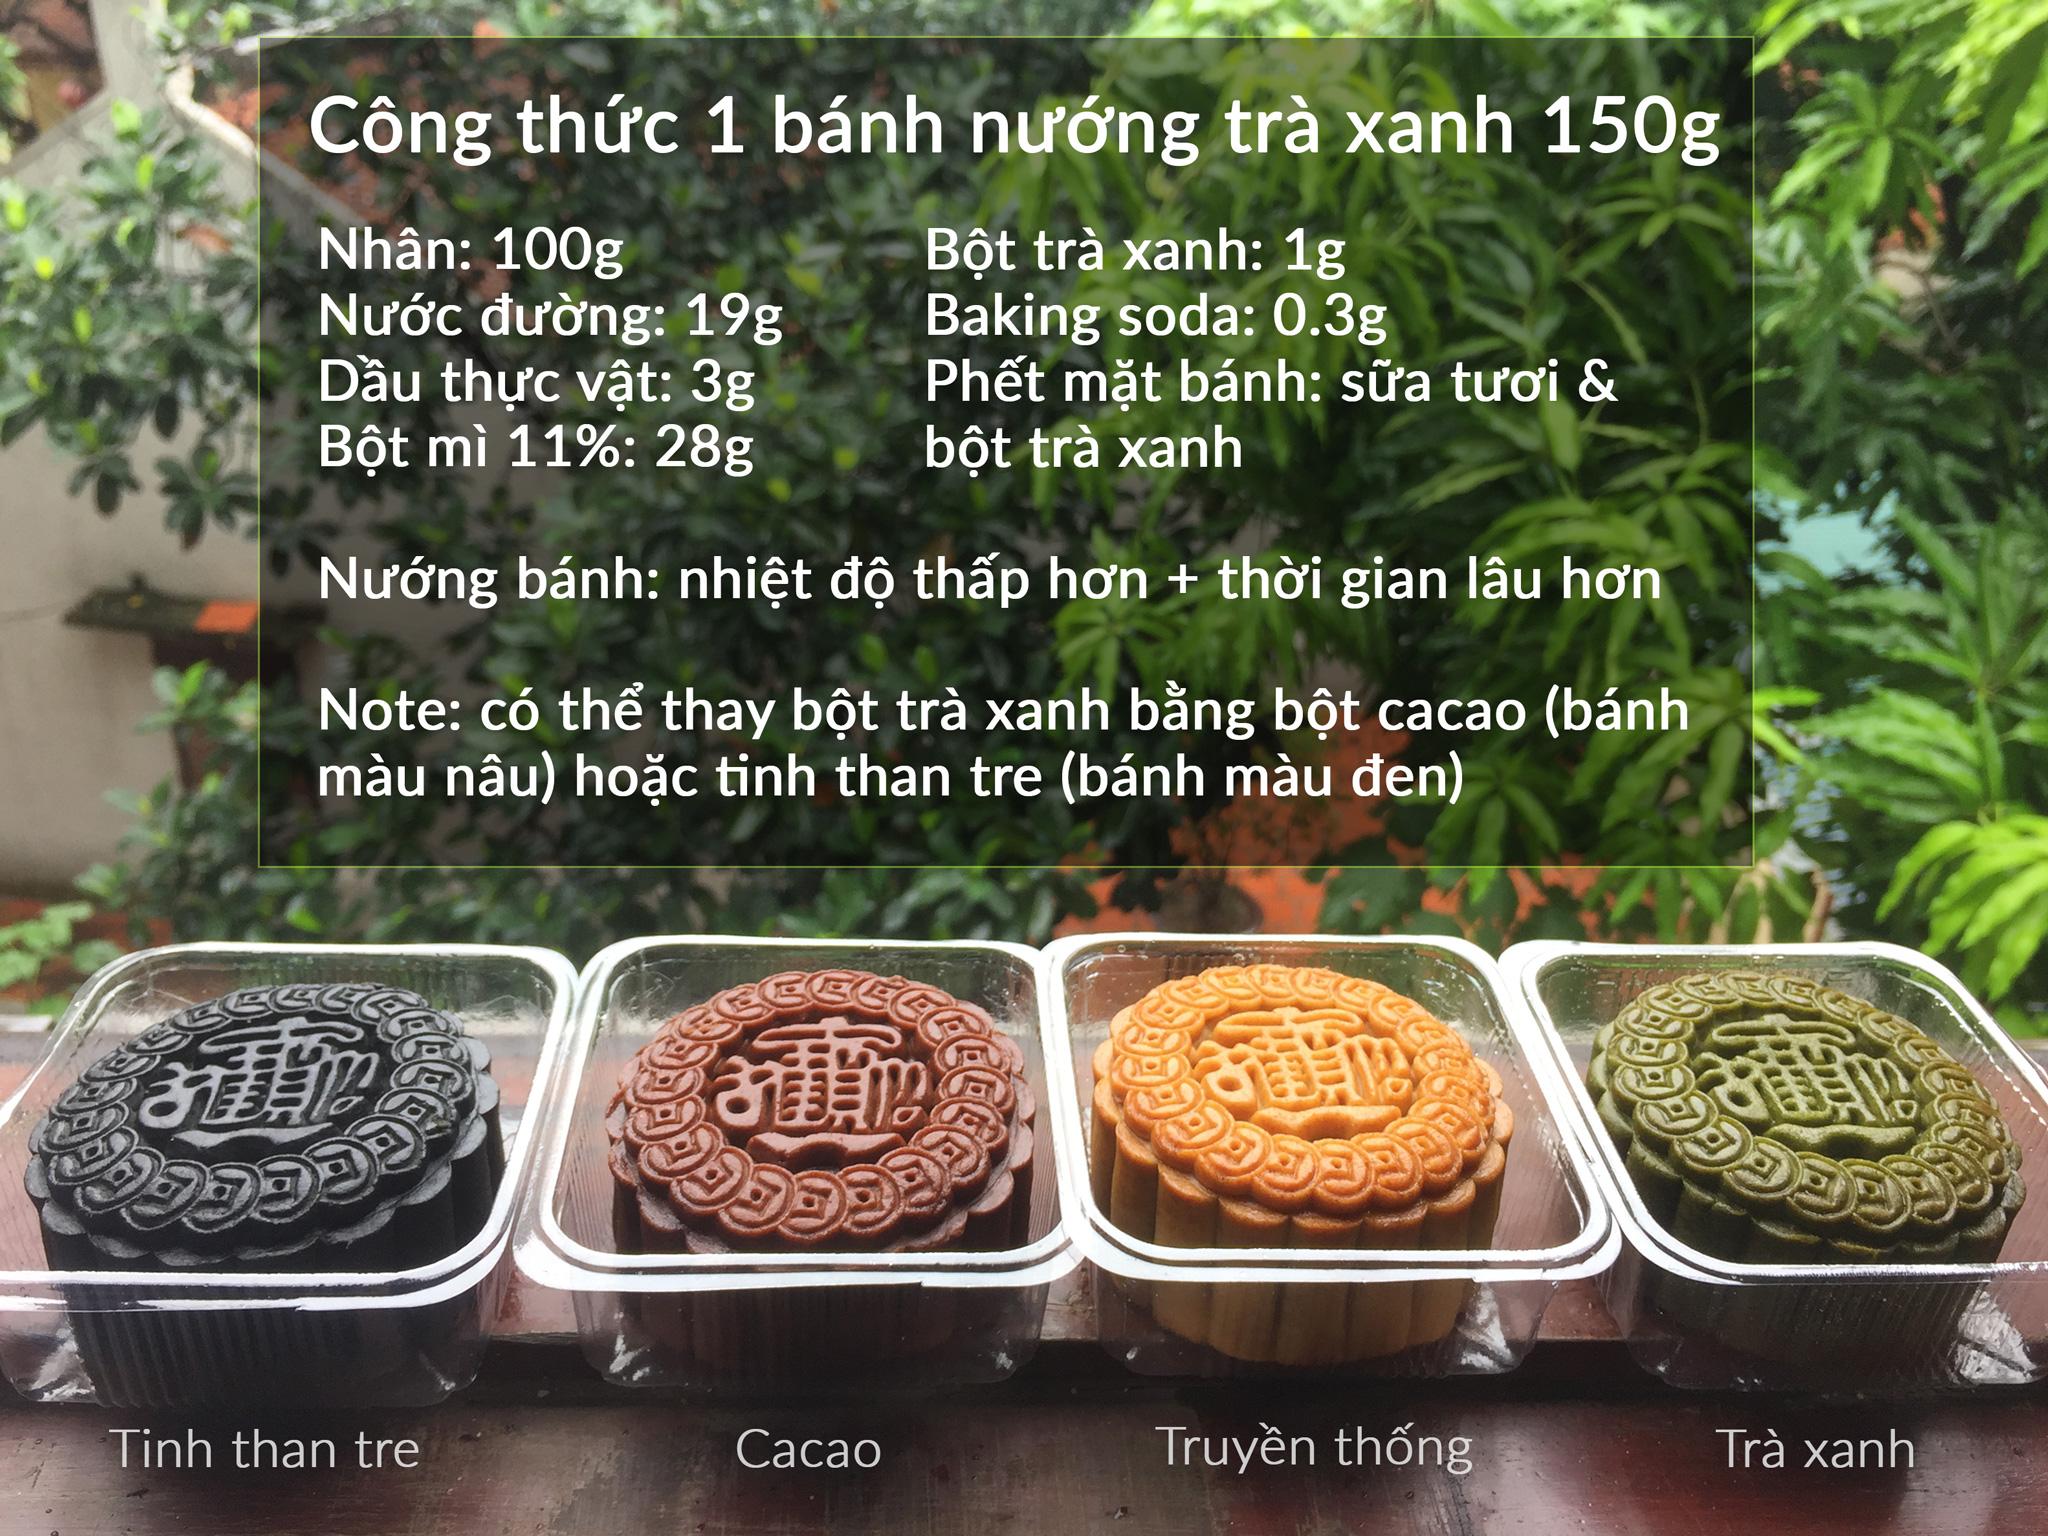 cong-thuc-banh-nuong-tra-xanh.jpg